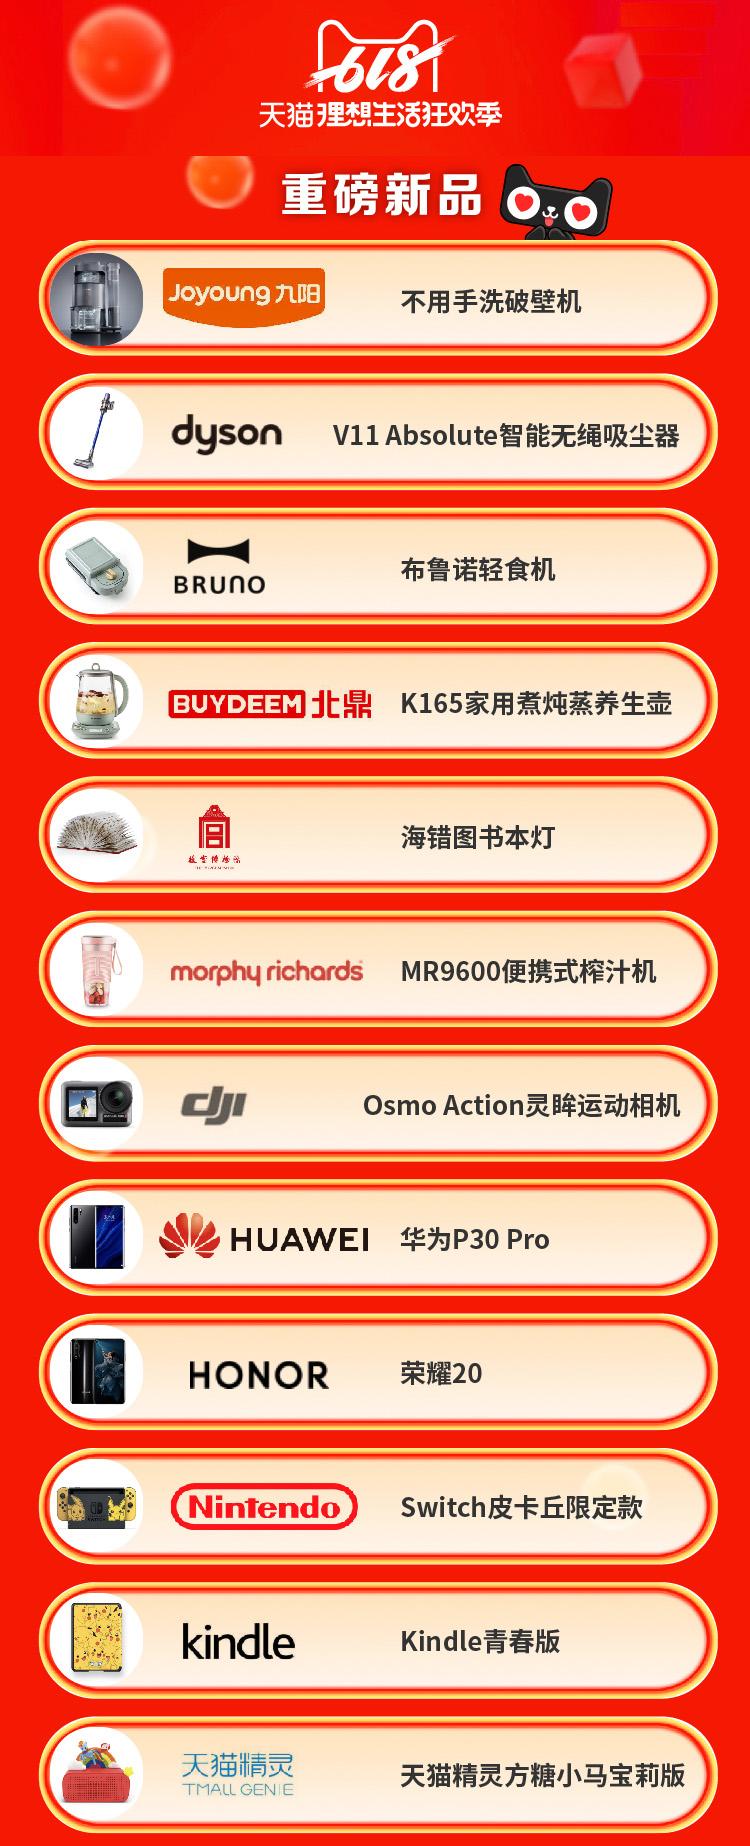 最让利天猫618:10万件数码家电产品5折 iPhone也在内